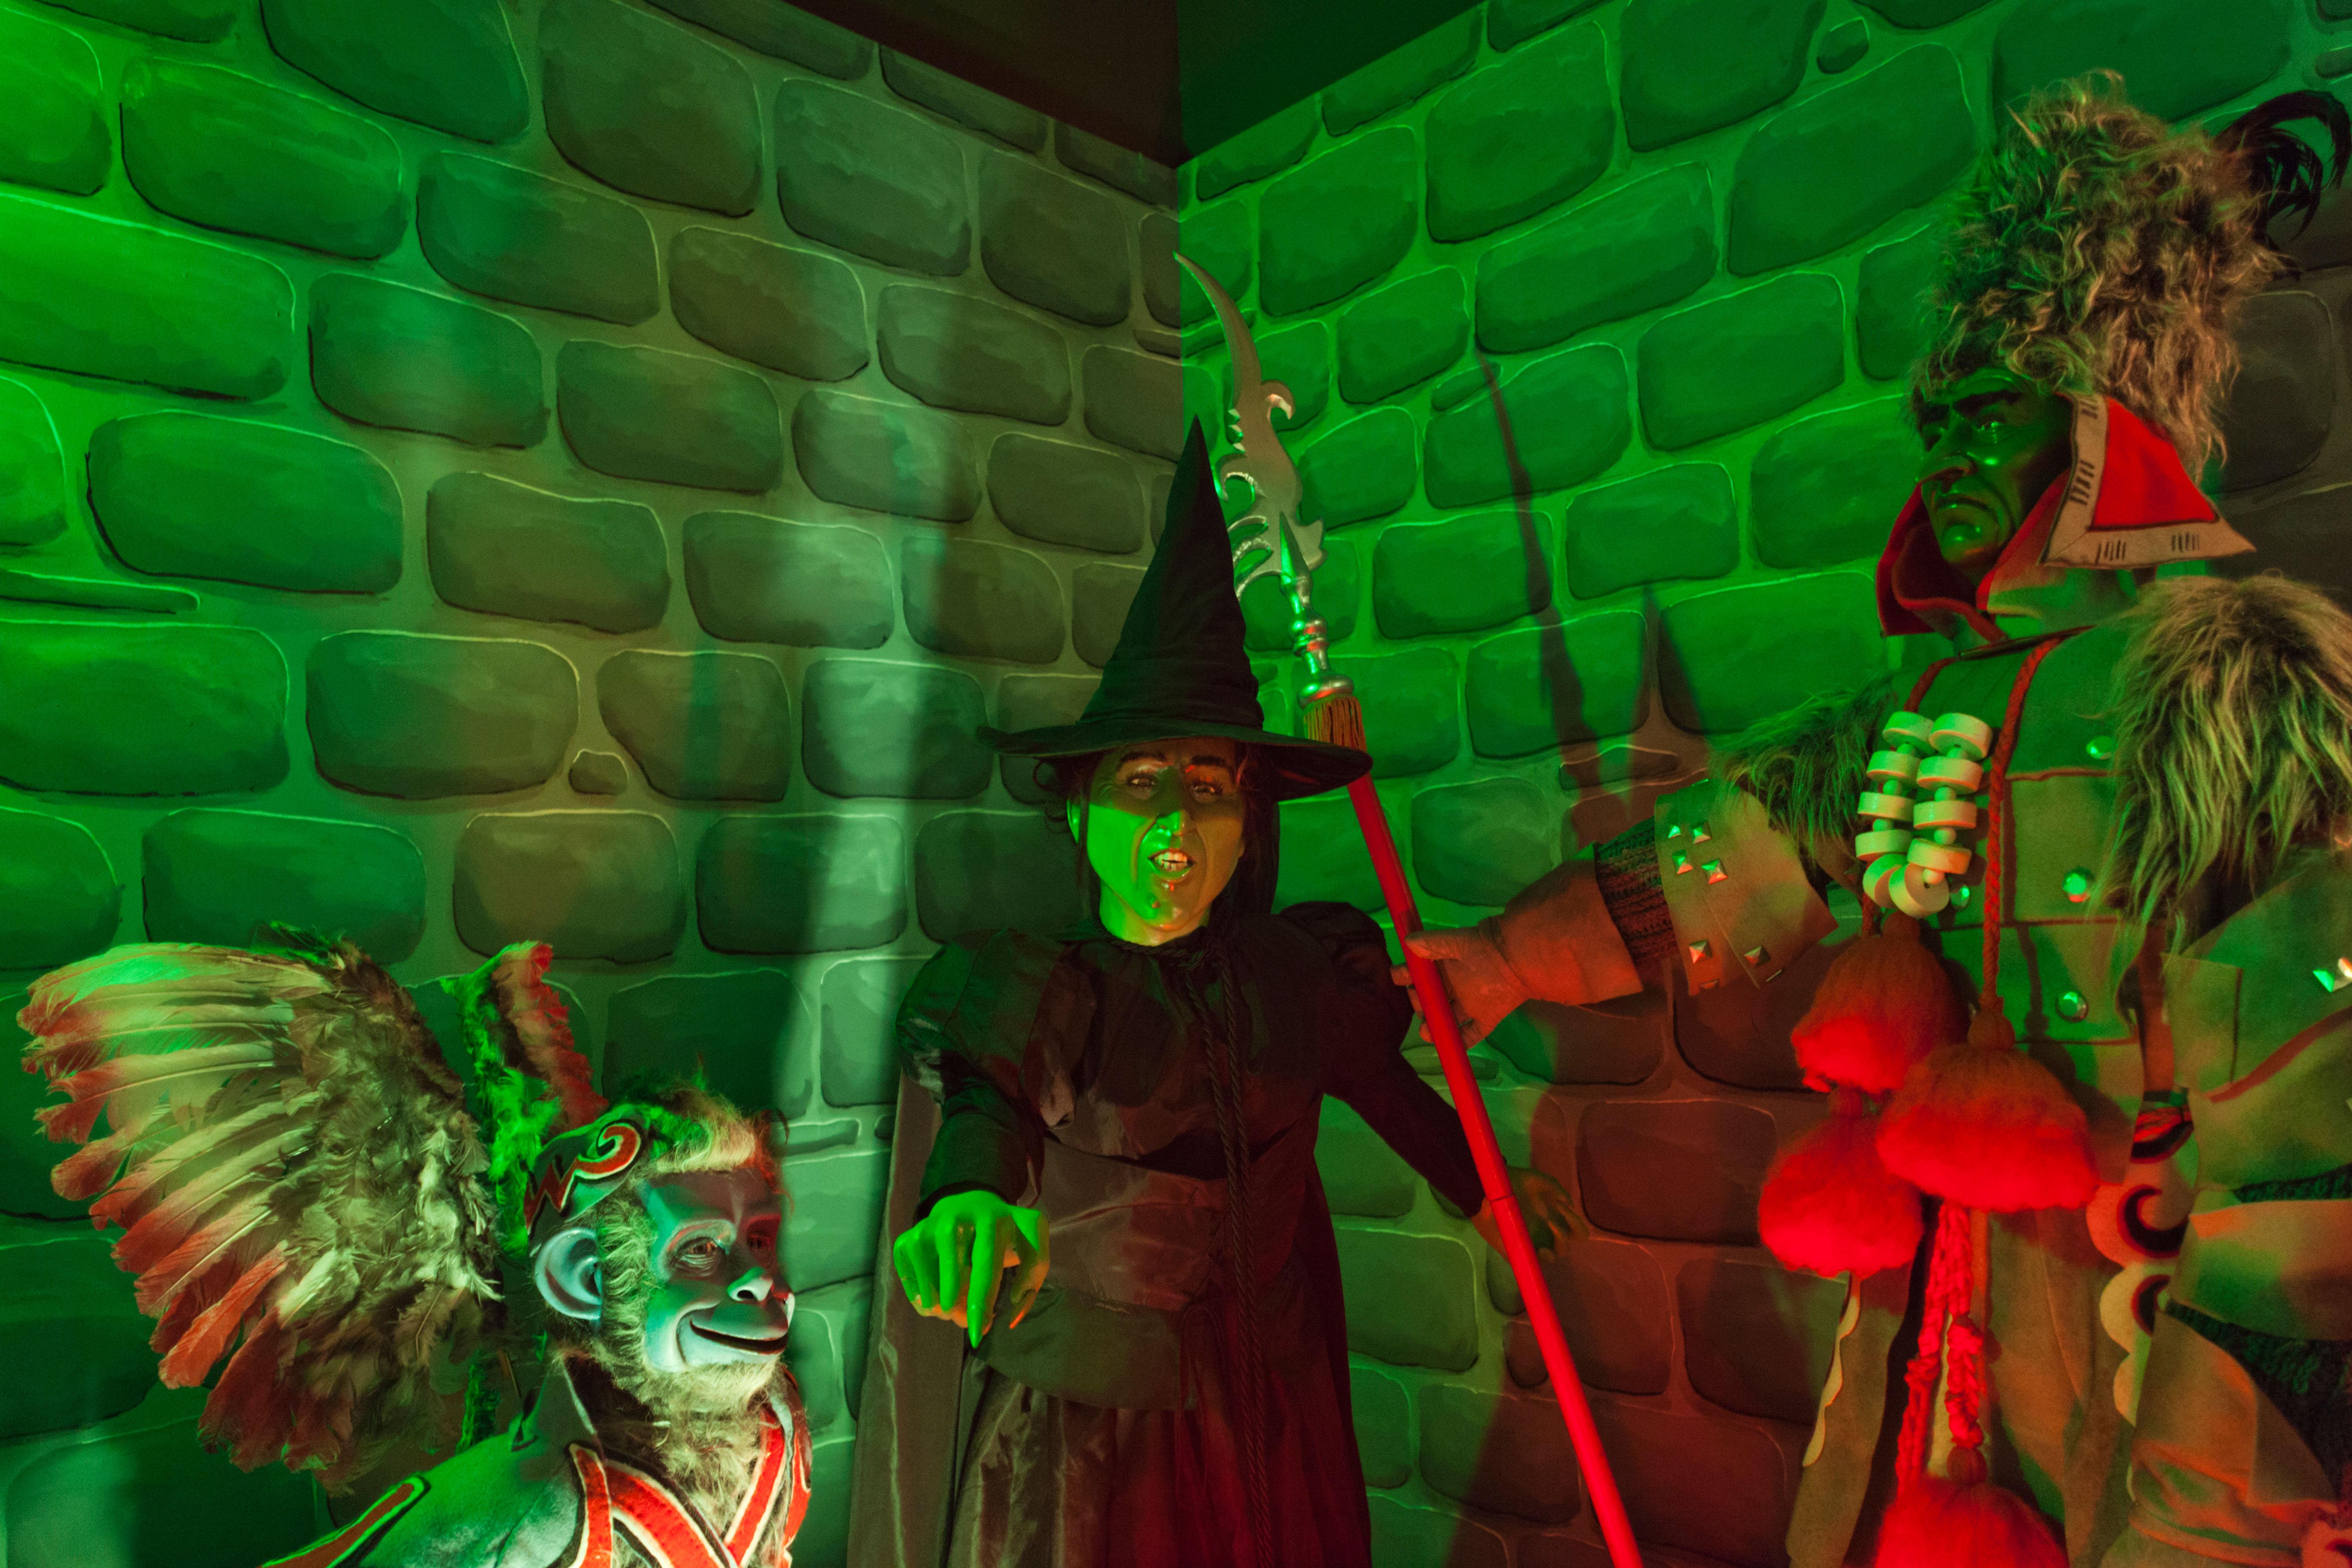 تندیسی از جادوگر شهر آز در موزه ویژه آز در شهر وامگو، کانزاس (© Danita Delimont/Alamy Stock Photo)